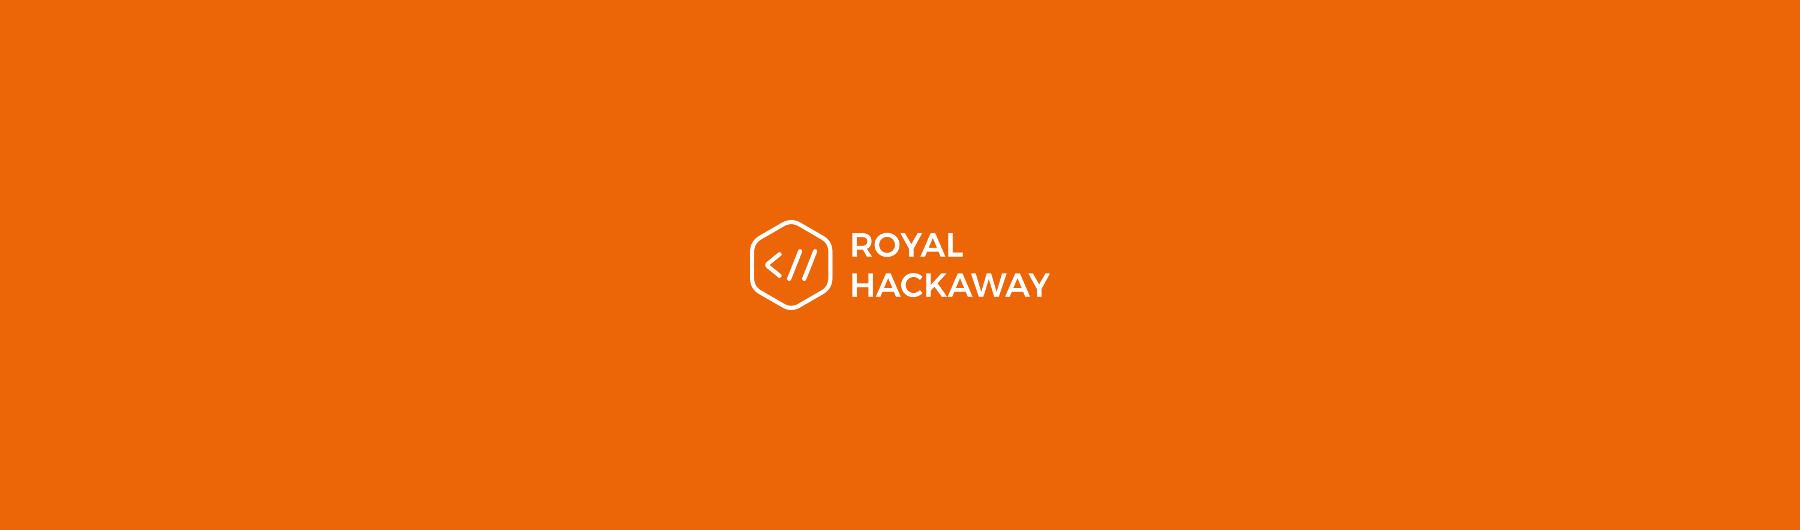 Royal Hackaway v3